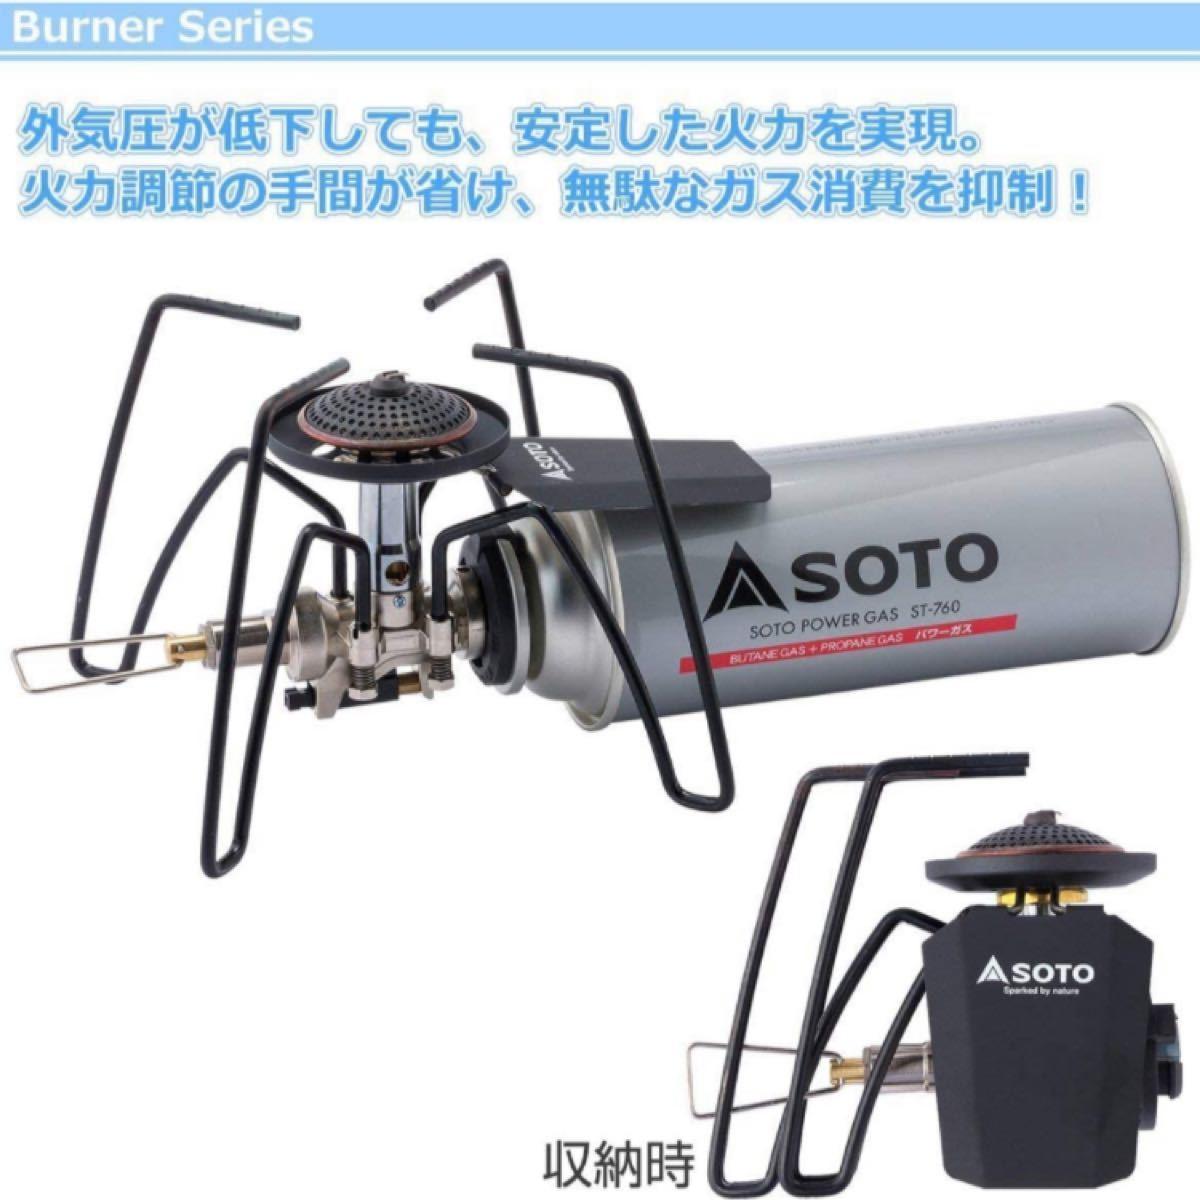 SOTO レギュレーターストーブ ST-310 シングルバーナー CB缶 新富士バーナー ガスコンロ